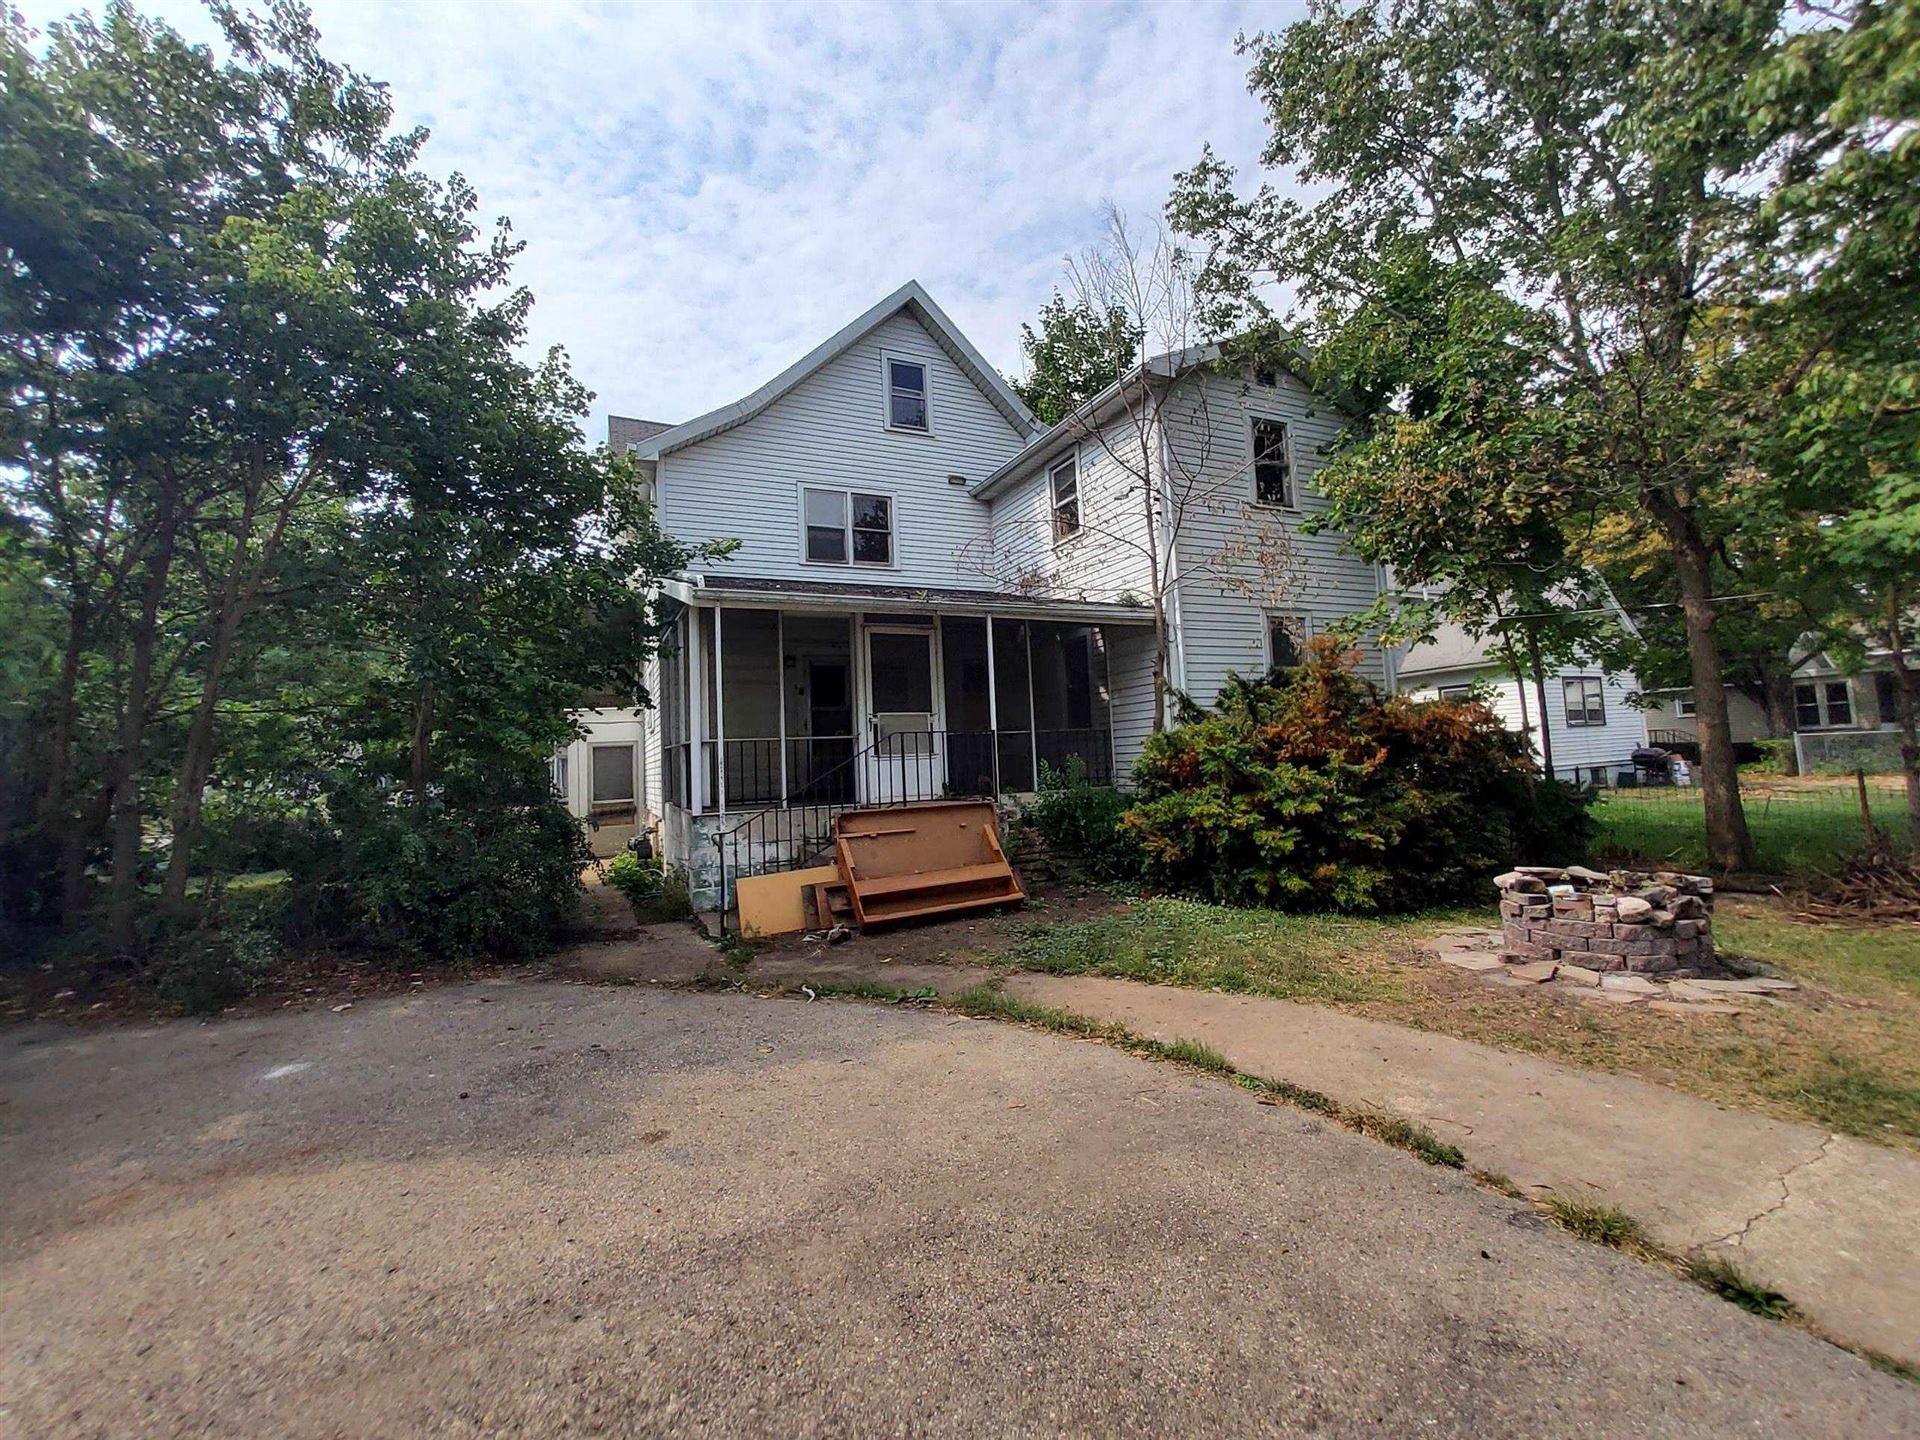 825 Bluff St, Beloit, WI 53511 - #: 1919745